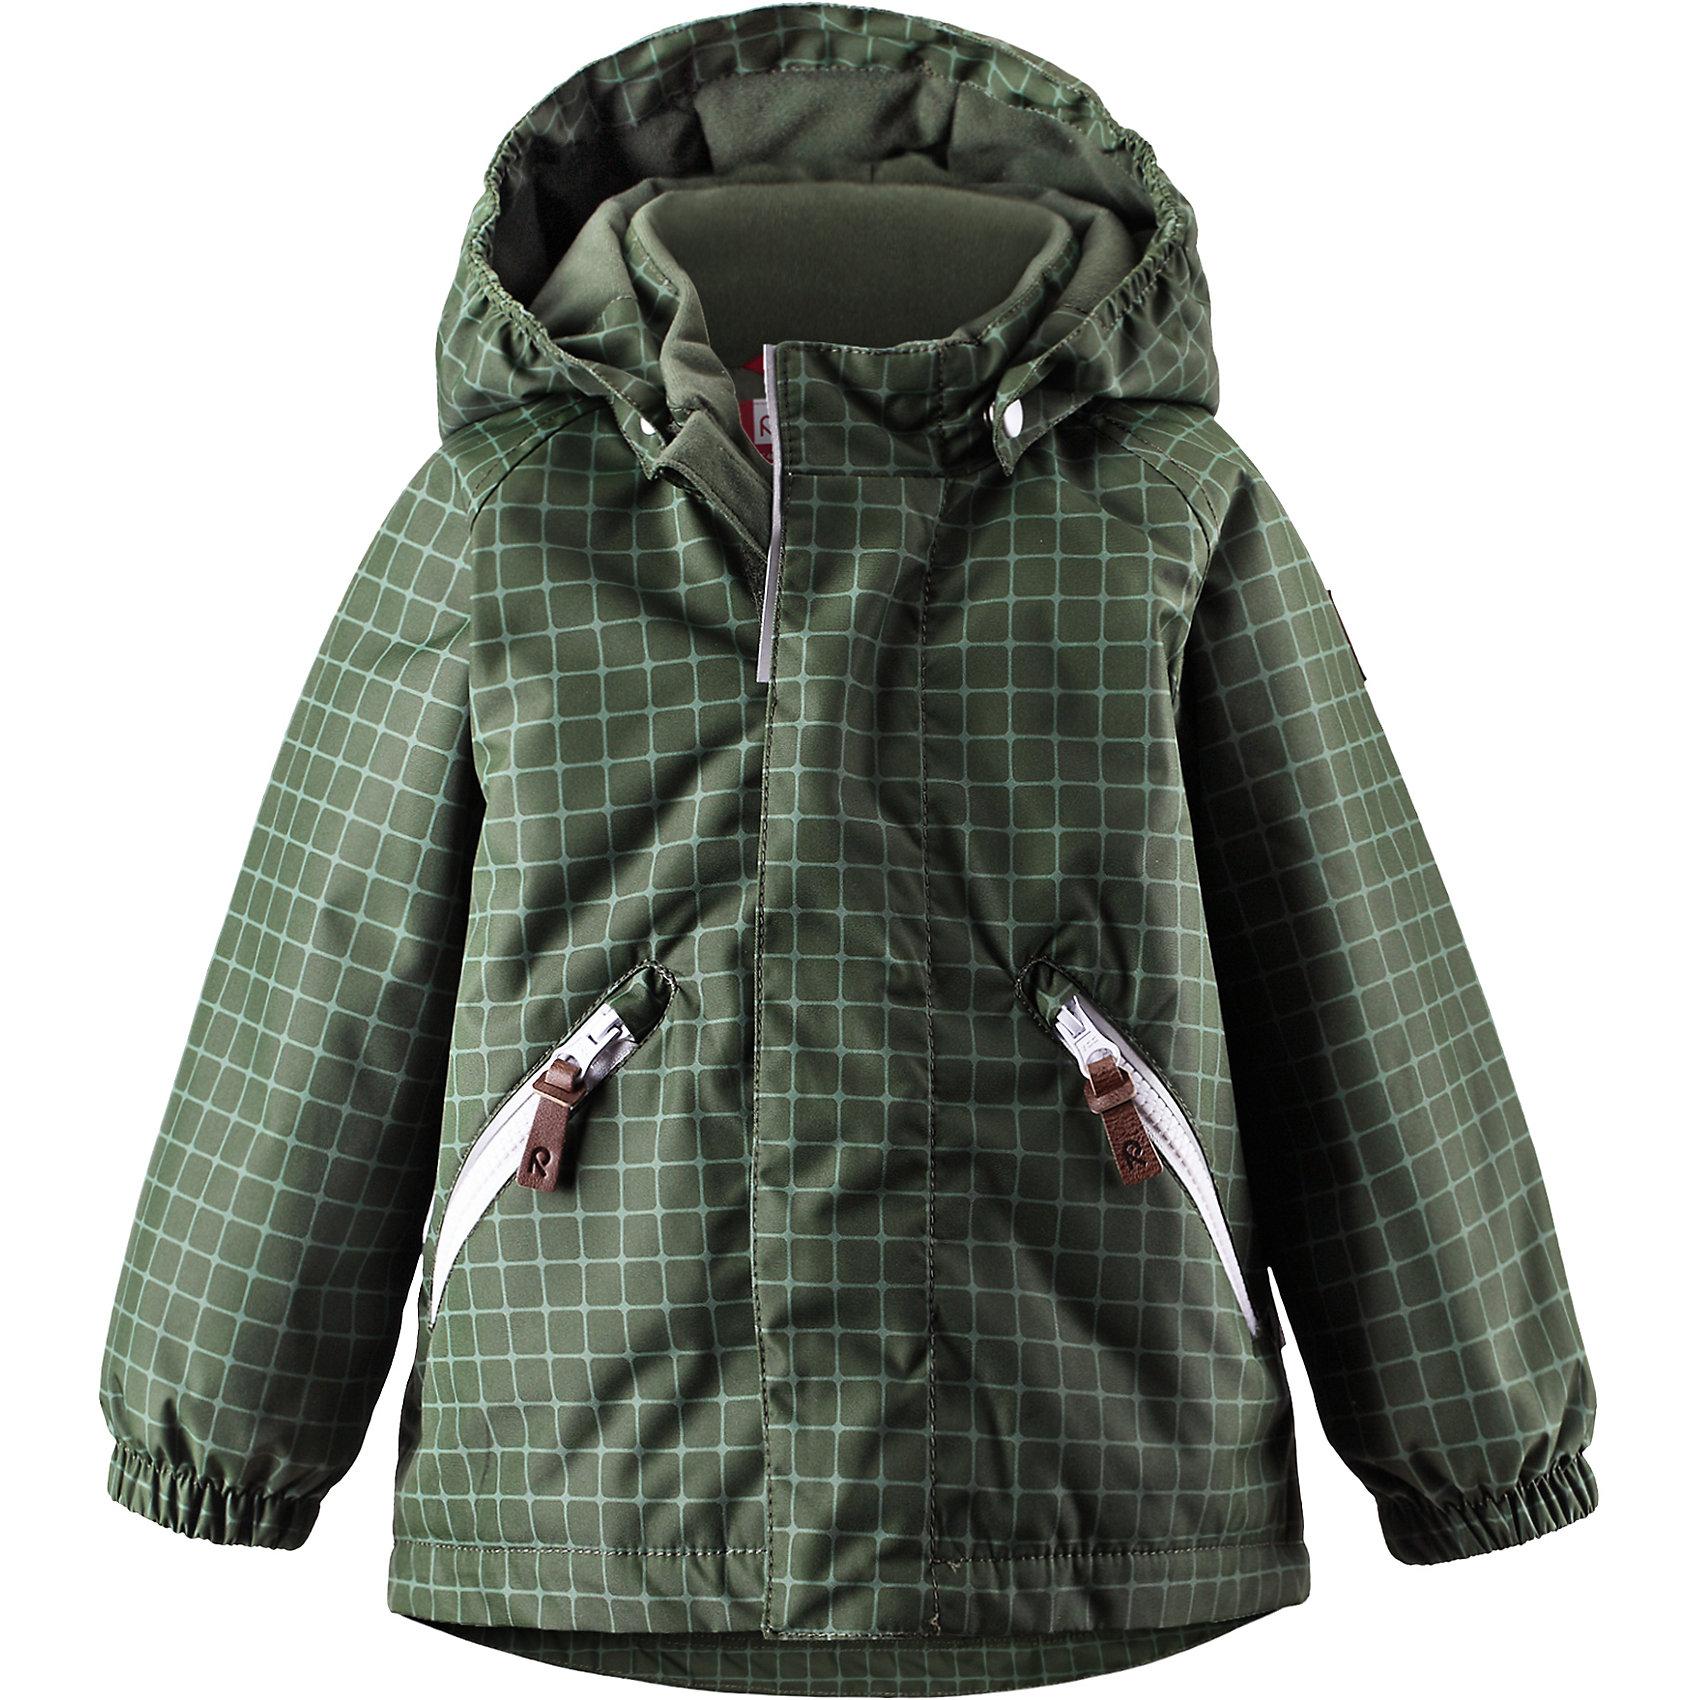 Куртка Nappaa для мальчика ReimaОдежда<br>Характеристики товара:<br><br>• цвет: зеленый<br>• состав: 100% полиэстер, полиуретановое покрытие<br>• температурный режим: 0° до -20° градусов<br>• утеплитель: 160 г<br>• планка от ветра<br>• основные швы проклеены<br>• съёмный капюшон<br>• молния<br>• светоотражающие детали<br>• «дышащий» материал<br>• ветро- водо- и грязеотталкивающий материал<br>• карманы<br>• комфортная посадка<br>• страна производства: Китай<br>• страна бренда: Финляндия<br><br>Верхняя одежда для детей может быть модной и комфортной одновременно! Эти зимняя куртка поможет обеспечить ребенку комфорт и тепло. Она отлично смотрится с различной одеждой и обувью. Изделие удобно сидит и модно выглядит. Стильный дизайн разрабатывался специально для детей. Отличный вариант для активного отдыха зимой!<br><br>Одежда и обувь от финского бренда Reima пользуется популярностью во многих странах. Эти изделия стильные, качественные и удобные. Для производства продукции используются только безопасные, проверенные материалы и фурнитура. Порадуйте ребенка модными и красивыми вещами от Reima! <br><br>Куртку Nappaa для мальчика от финского бренда Reimatec® Reima (Рейма) можно купить в нашем интернет-магазине.<br><br>Ширина мм: 356<br>Глубина мм: 10<br>Высота мм: 245<br>Вес г: 519<br>Цвет: зеленый<br>Возраст от месяцев: 12<br>Возраст до месяцев: 15<br>Пол: Унисекс<br>Возраст: Детский<br>Размер: 92,80,98,74,86<br>SKU: 5415422